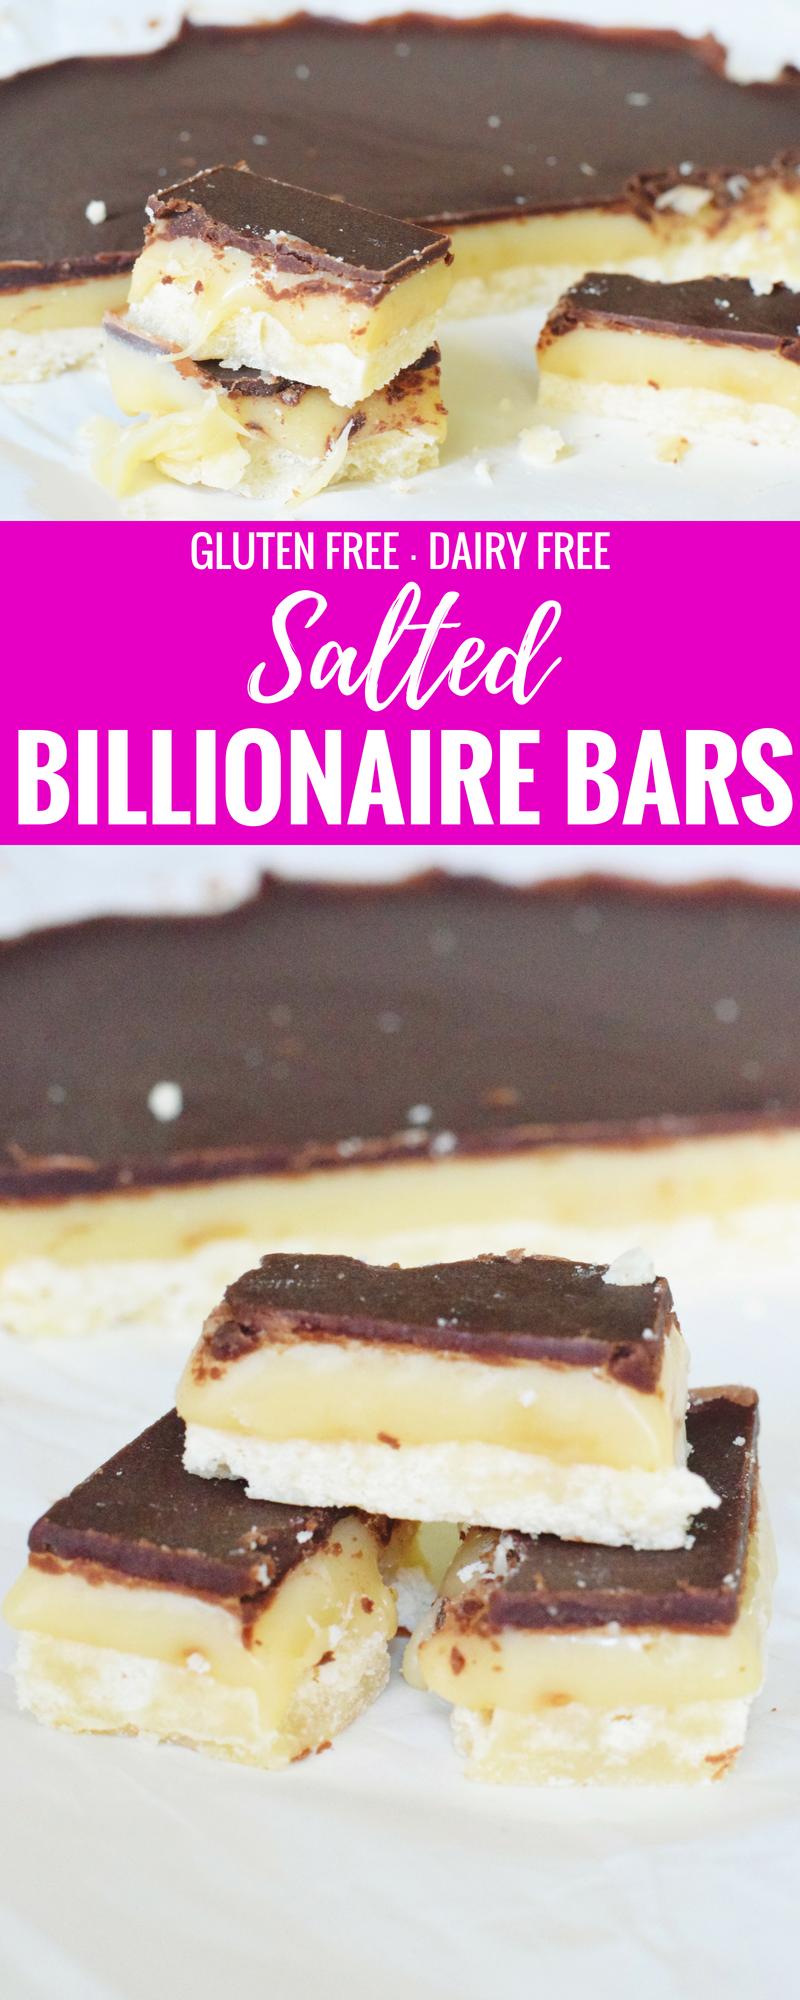 Salted Billionare Bars - Summer Dessert Recipe - Easy Dessert Recipe - Gluten Free Dessert - Dairy Free Dessert - Communikait by Kait Hanson